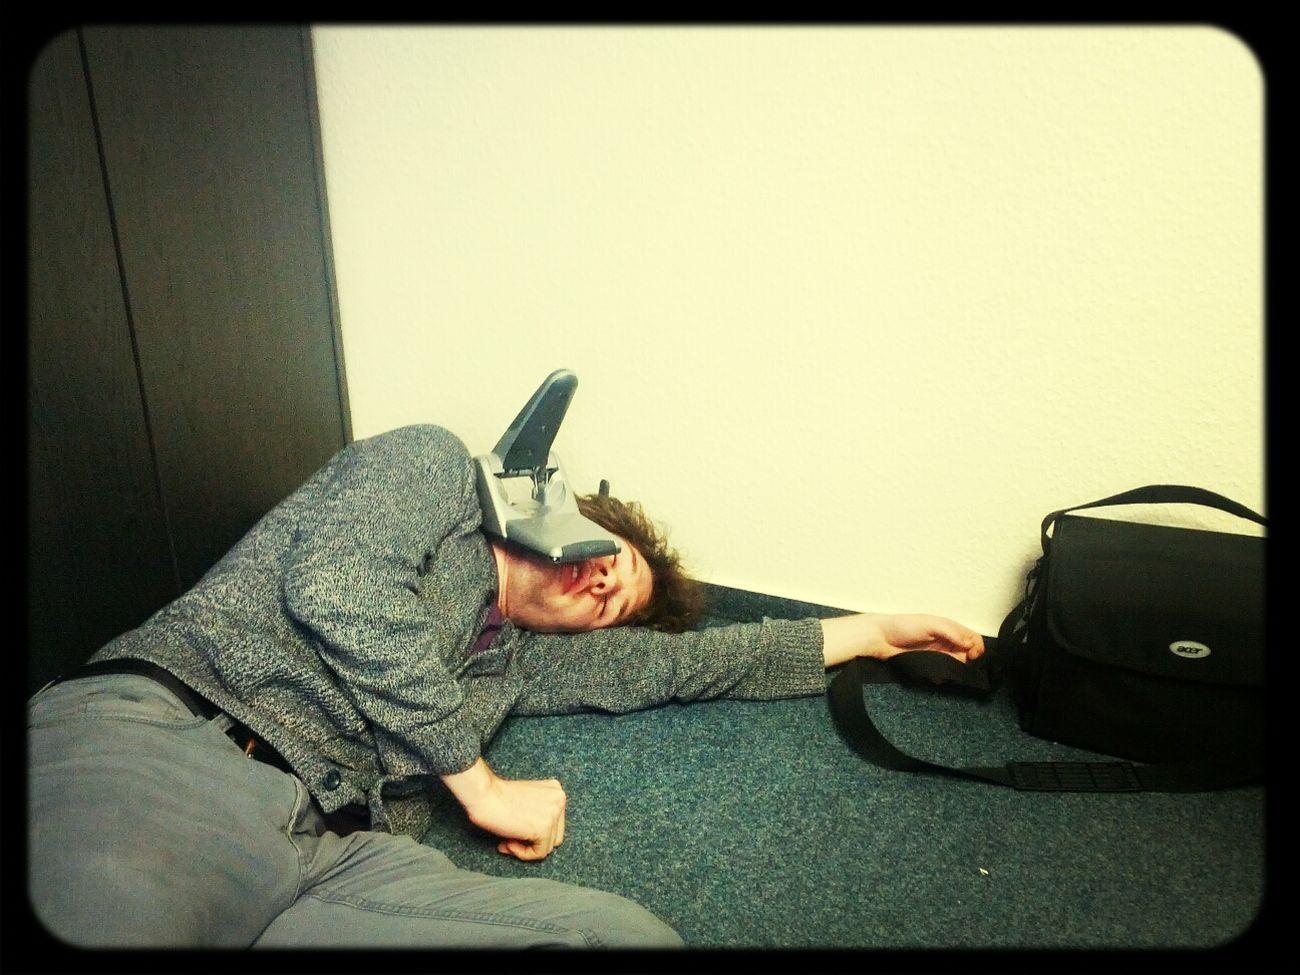 Vom Locher erschlagen. #BüroKrieg Büro Krieg